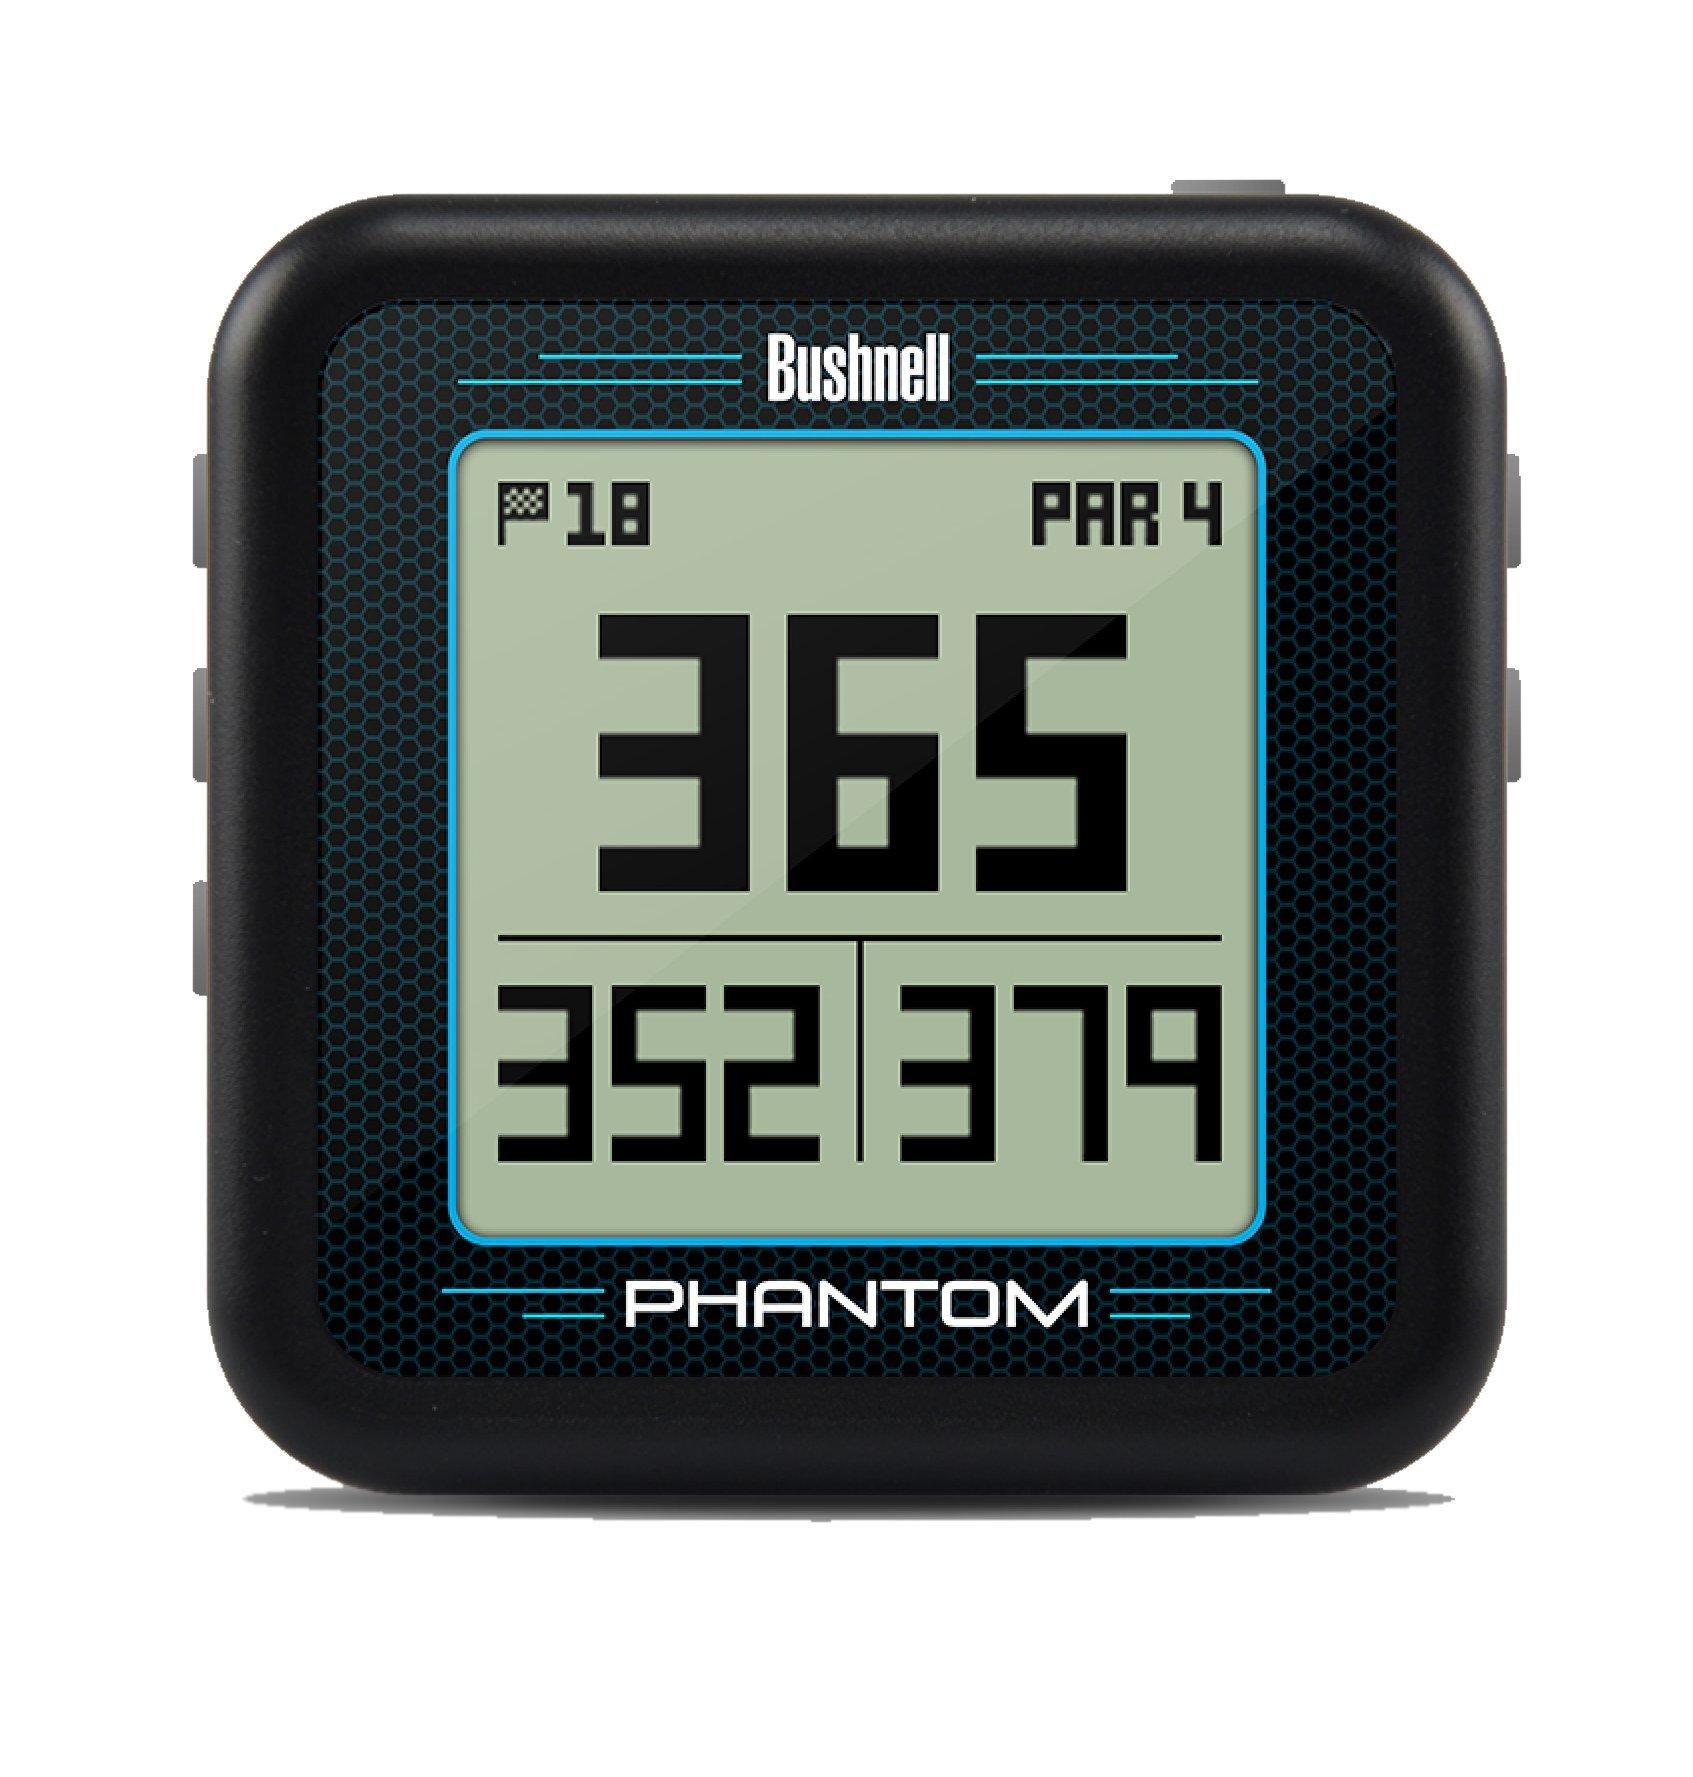 Bushnell Phantom Golf GPS, Black by Bushnell